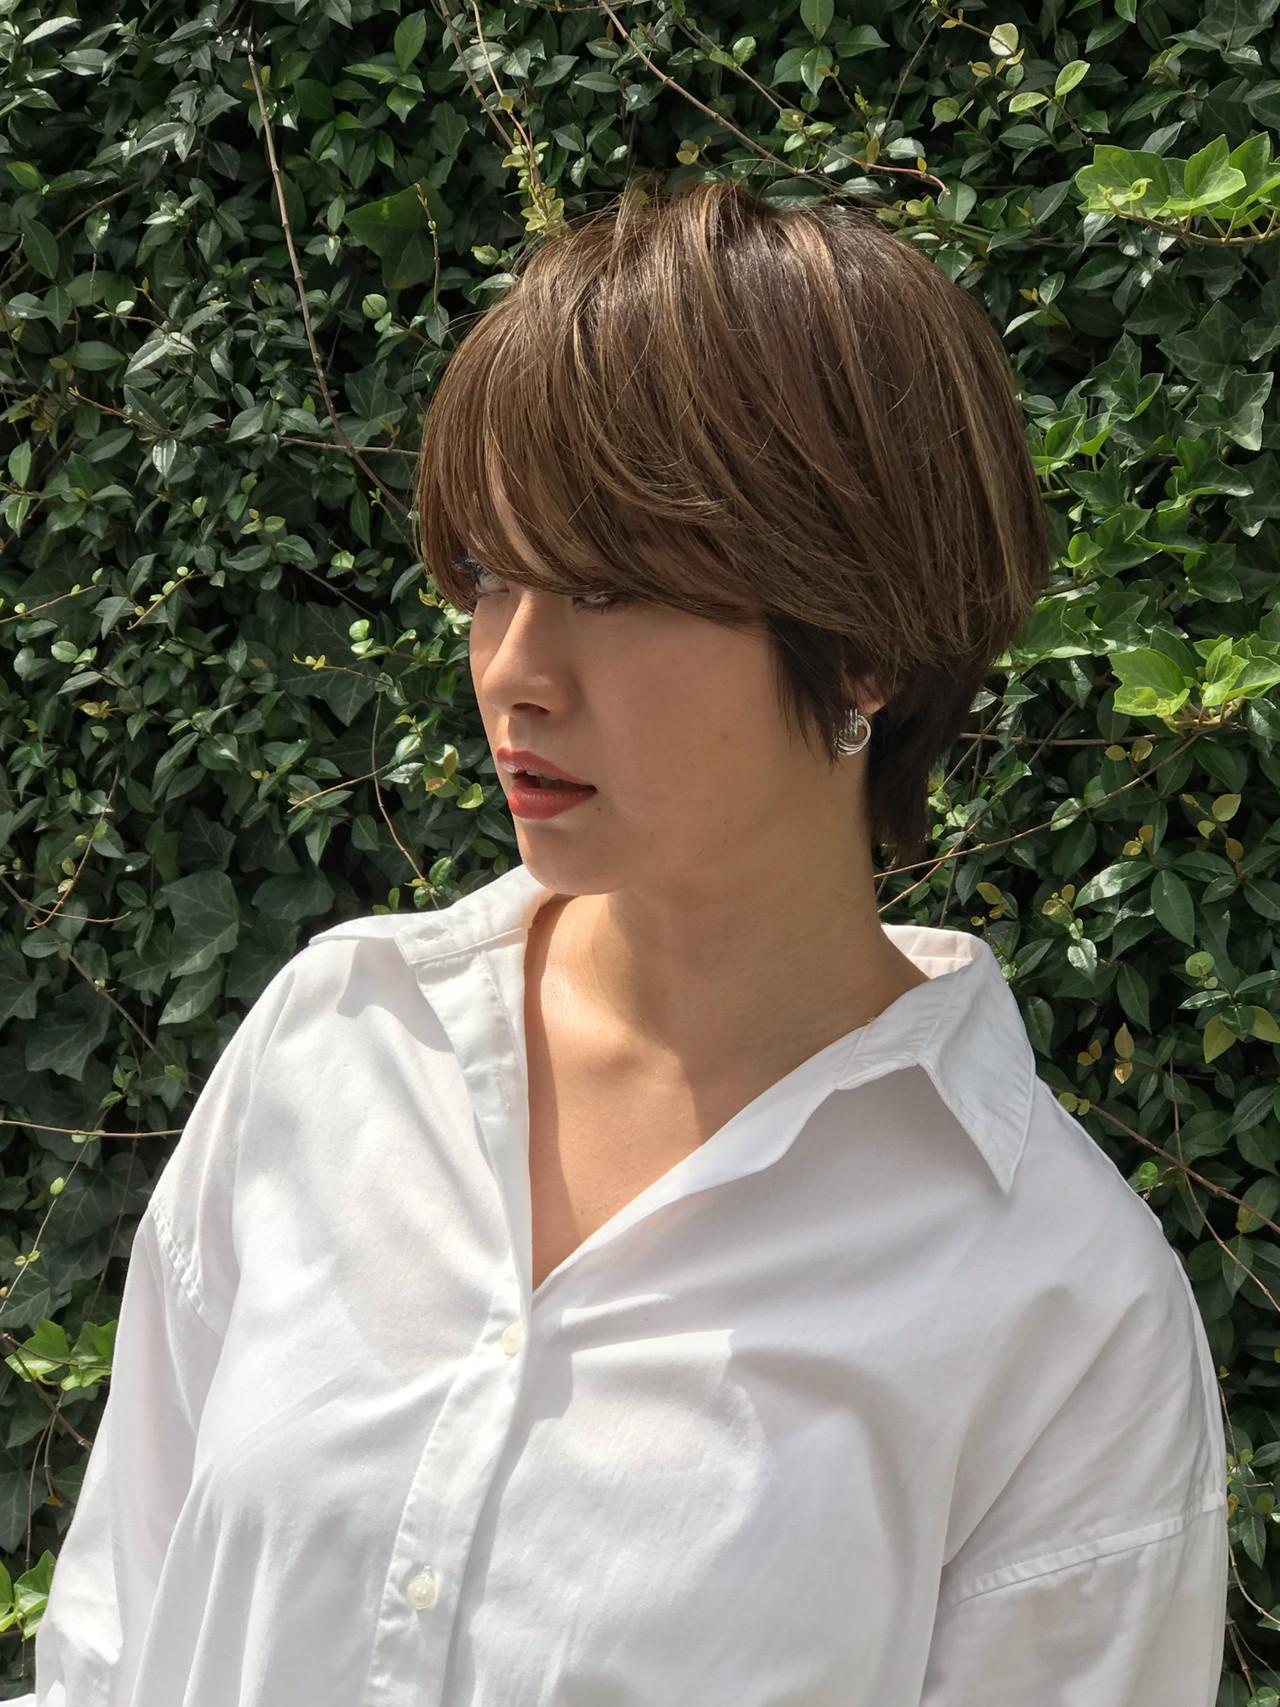 束感×流し前髪で女っぽさアップ 再現出来るショートヘア小山千覚